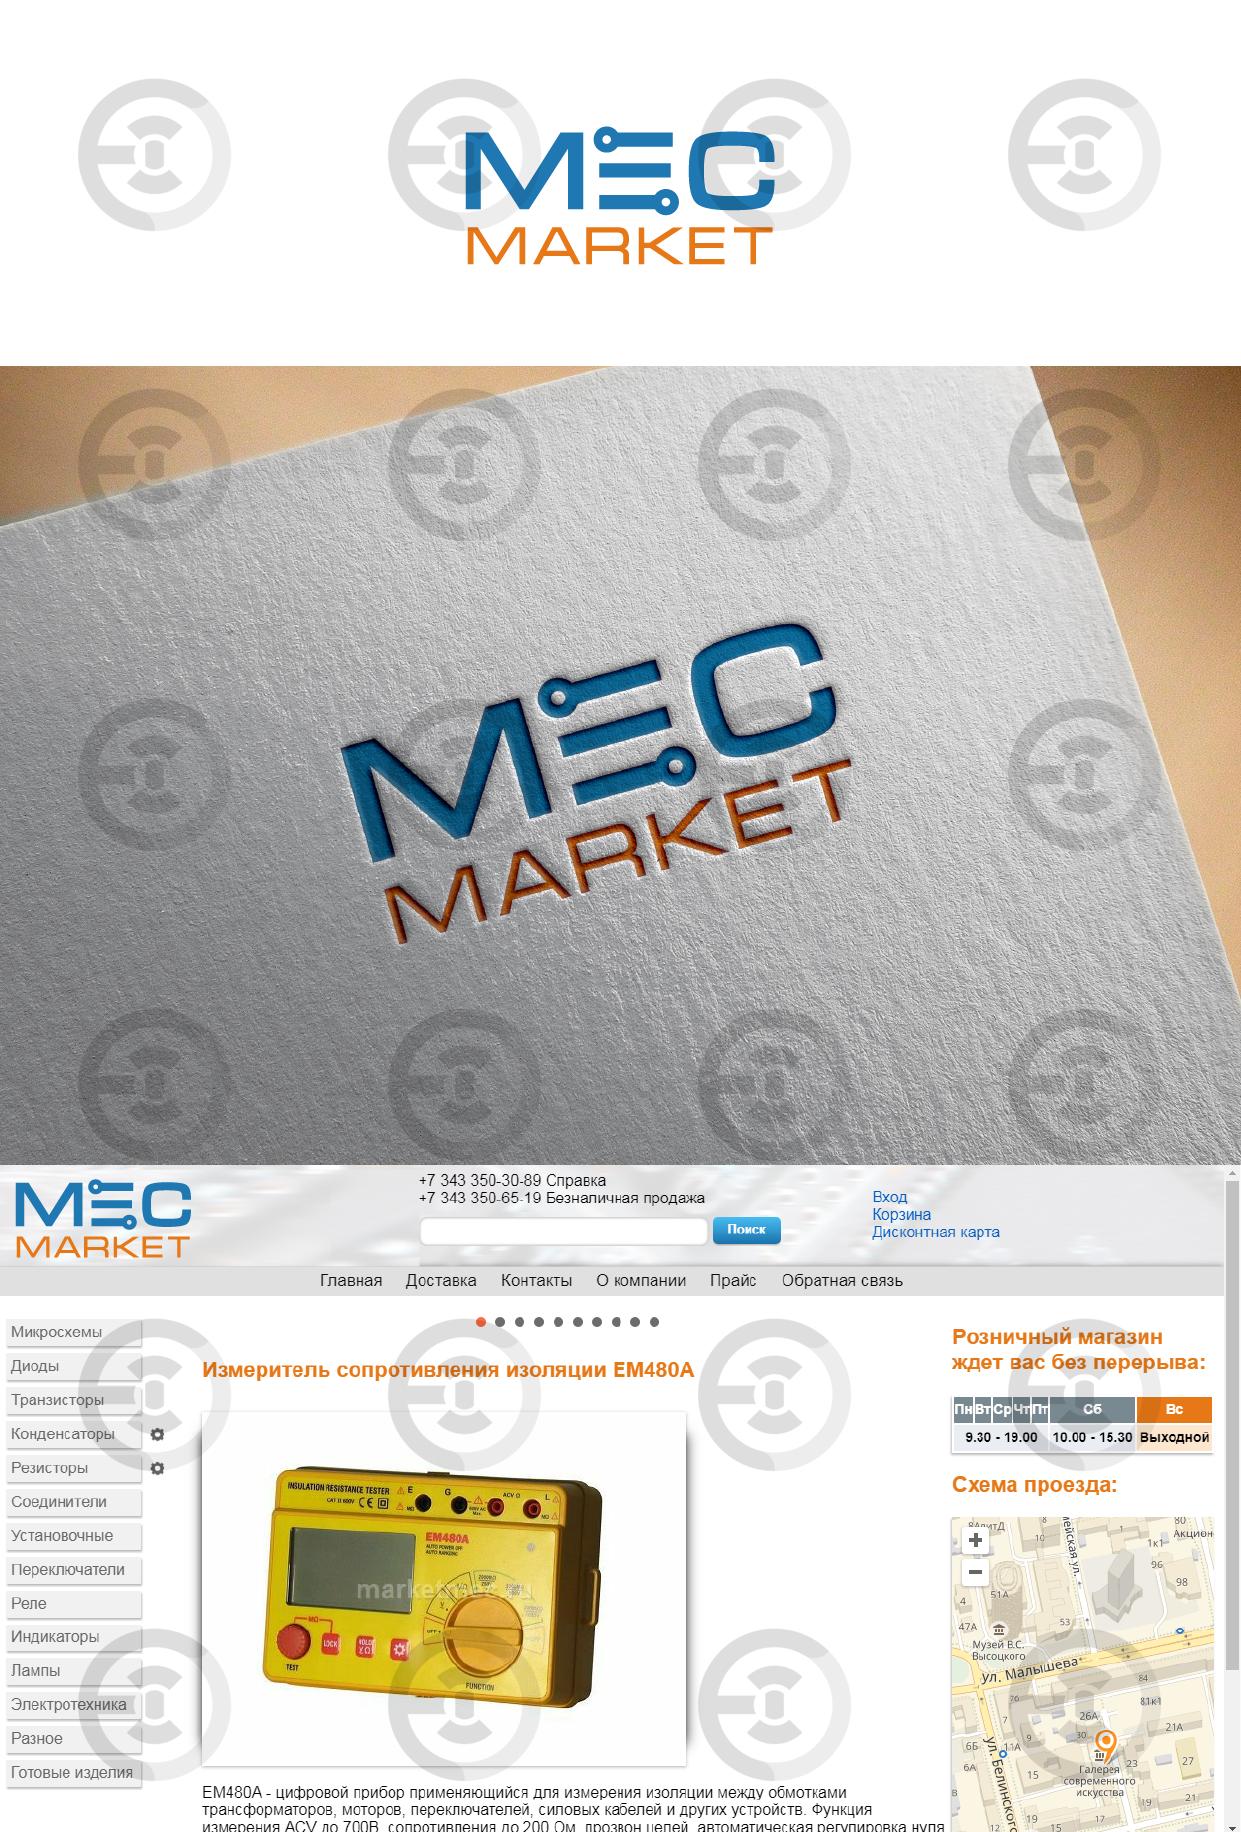 MarketMEC-01.png